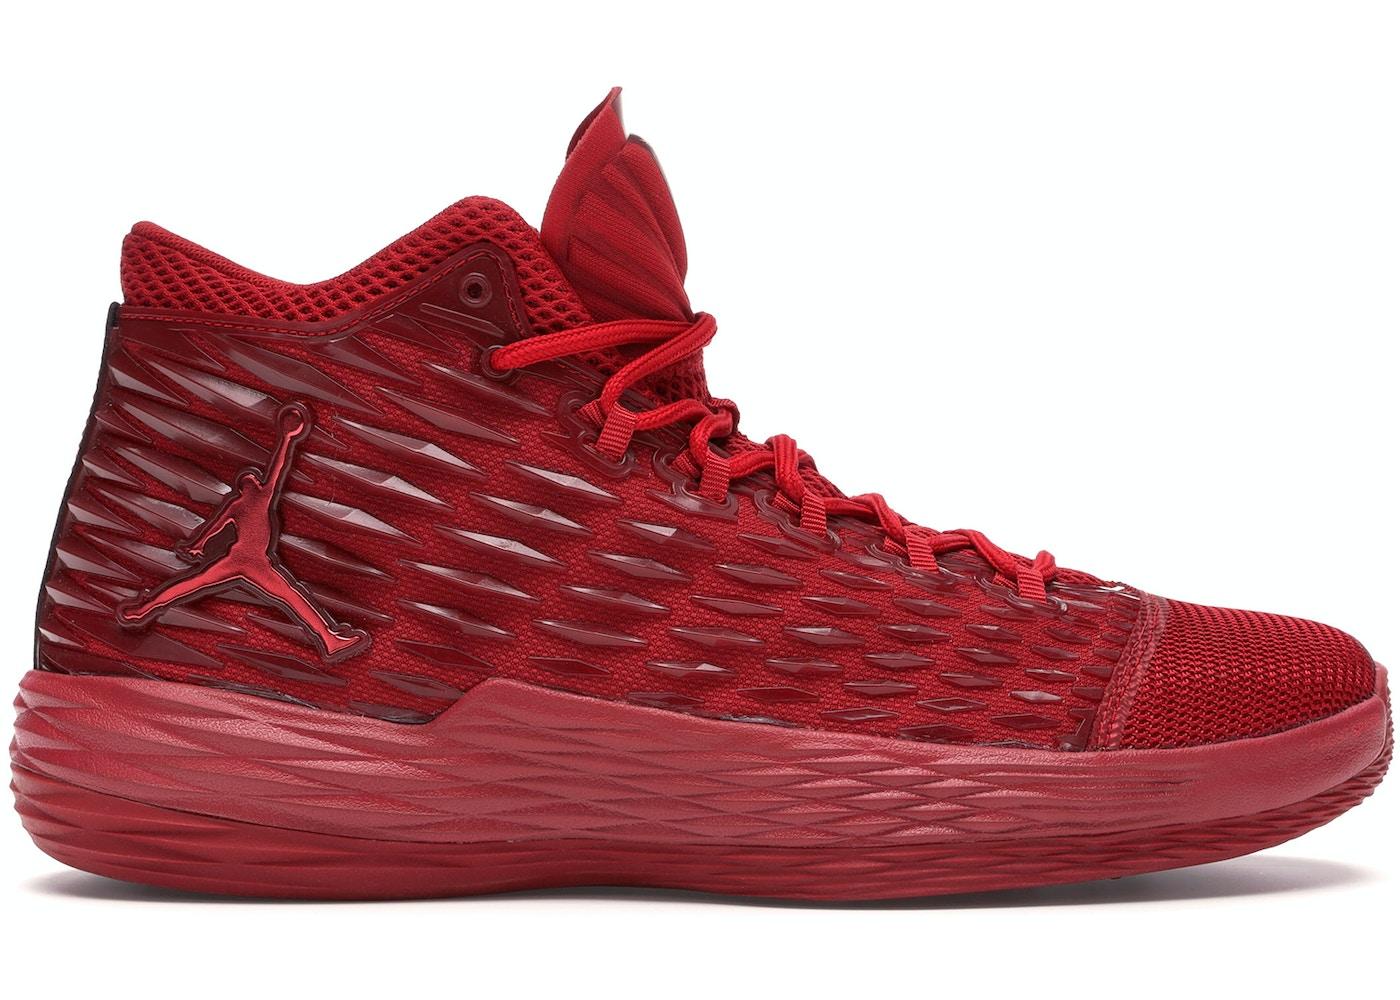 Jordan Melo M13 Jordan Melo M13 Gym Red - 881562-618